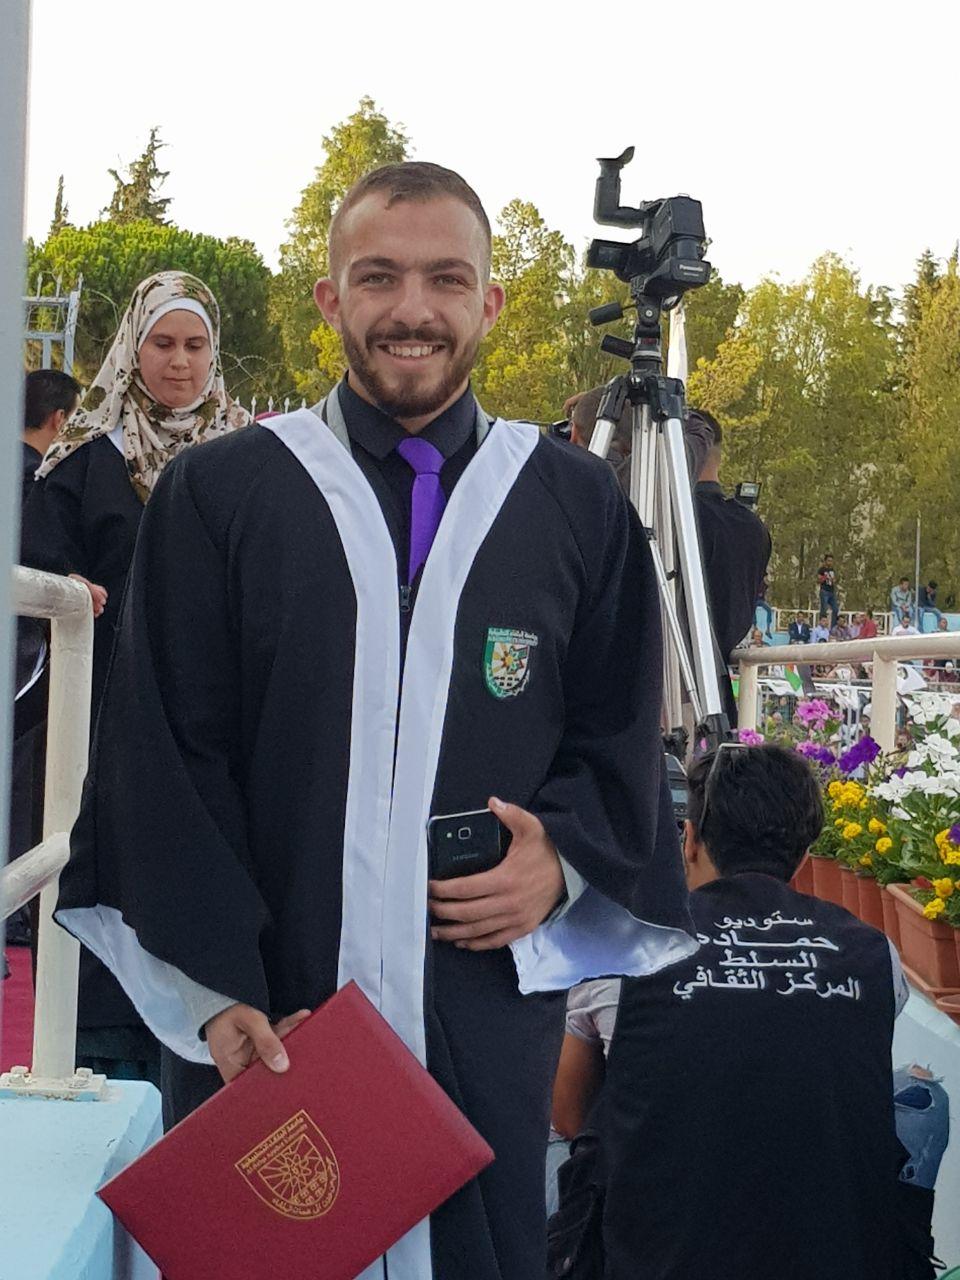 سمير الزبن مبارك التخرج